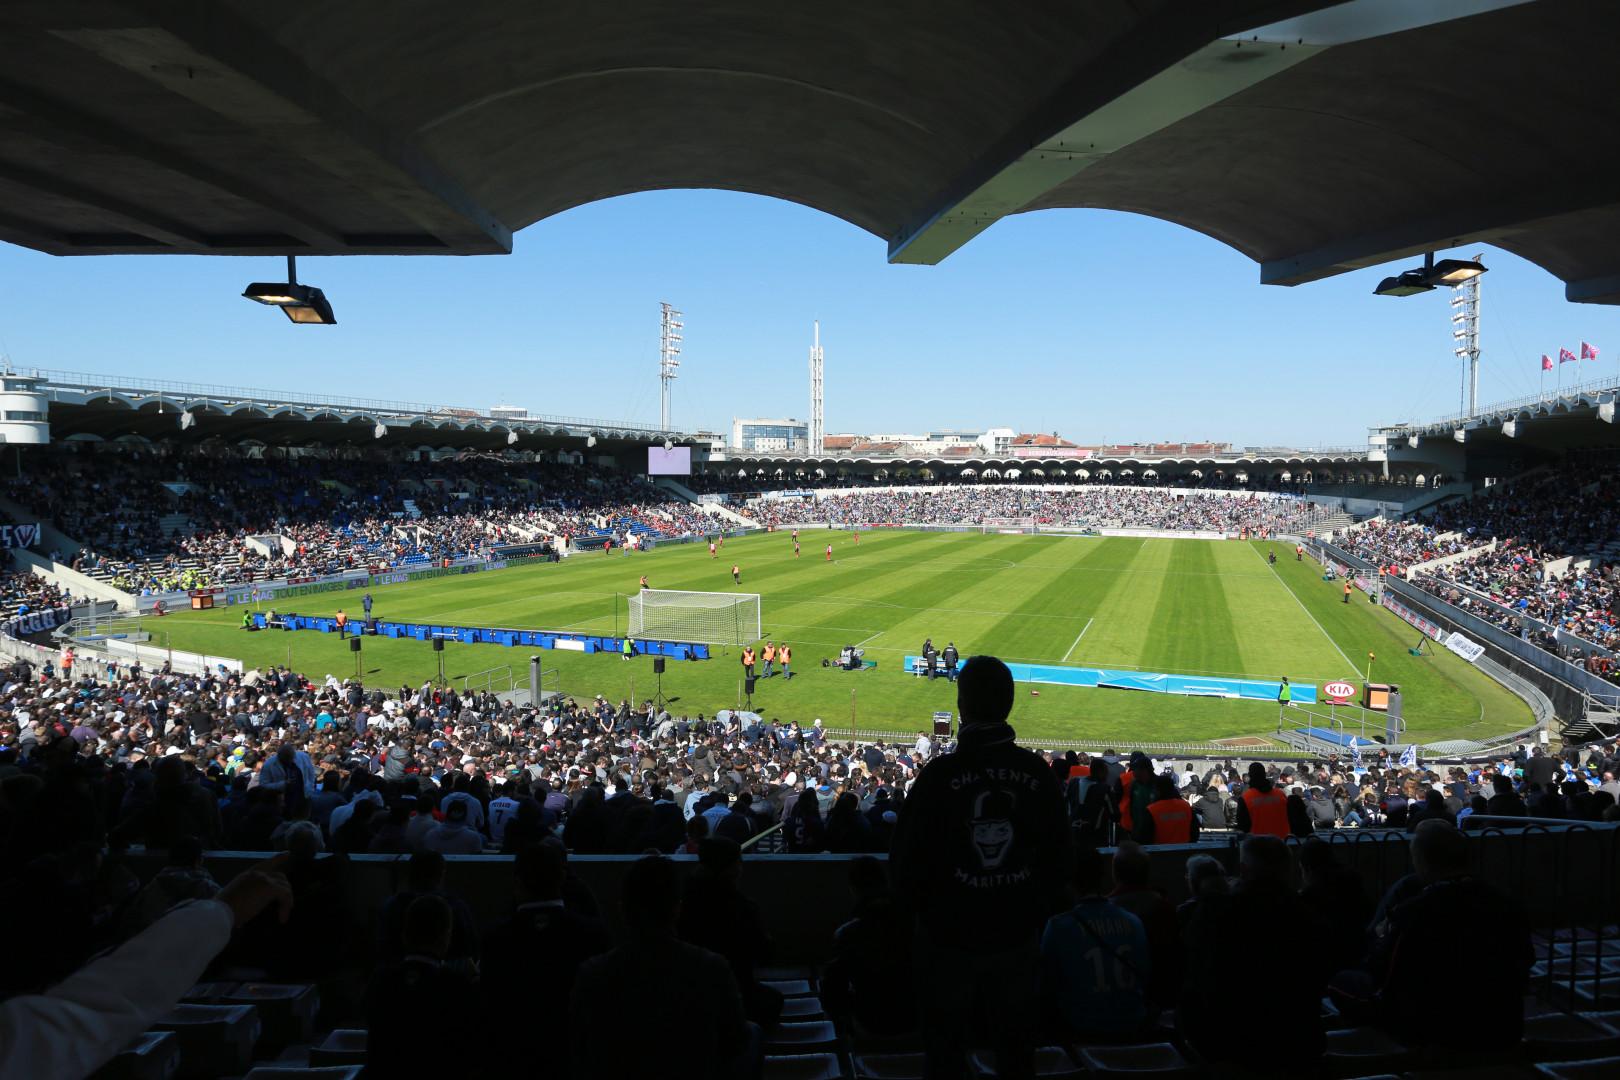 Le Nouveau Stade de Bordeaux  succède au Stade Chaban-Delmas